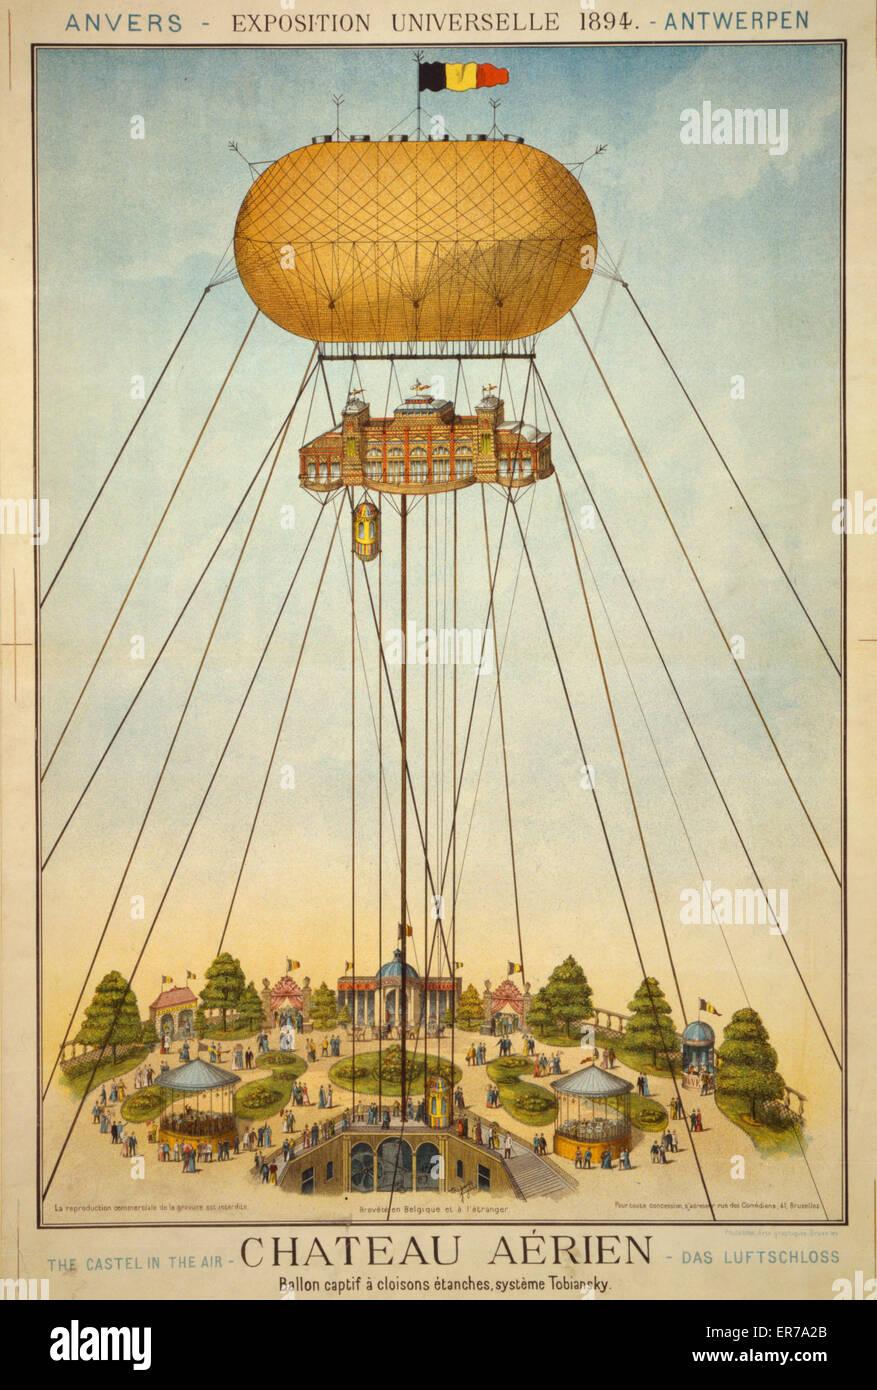 Chateau aerien. Ballon captif e cloisons etanches, systeme Tobiansky. Exposition universelle 1894. Belgian poster - Stock Image